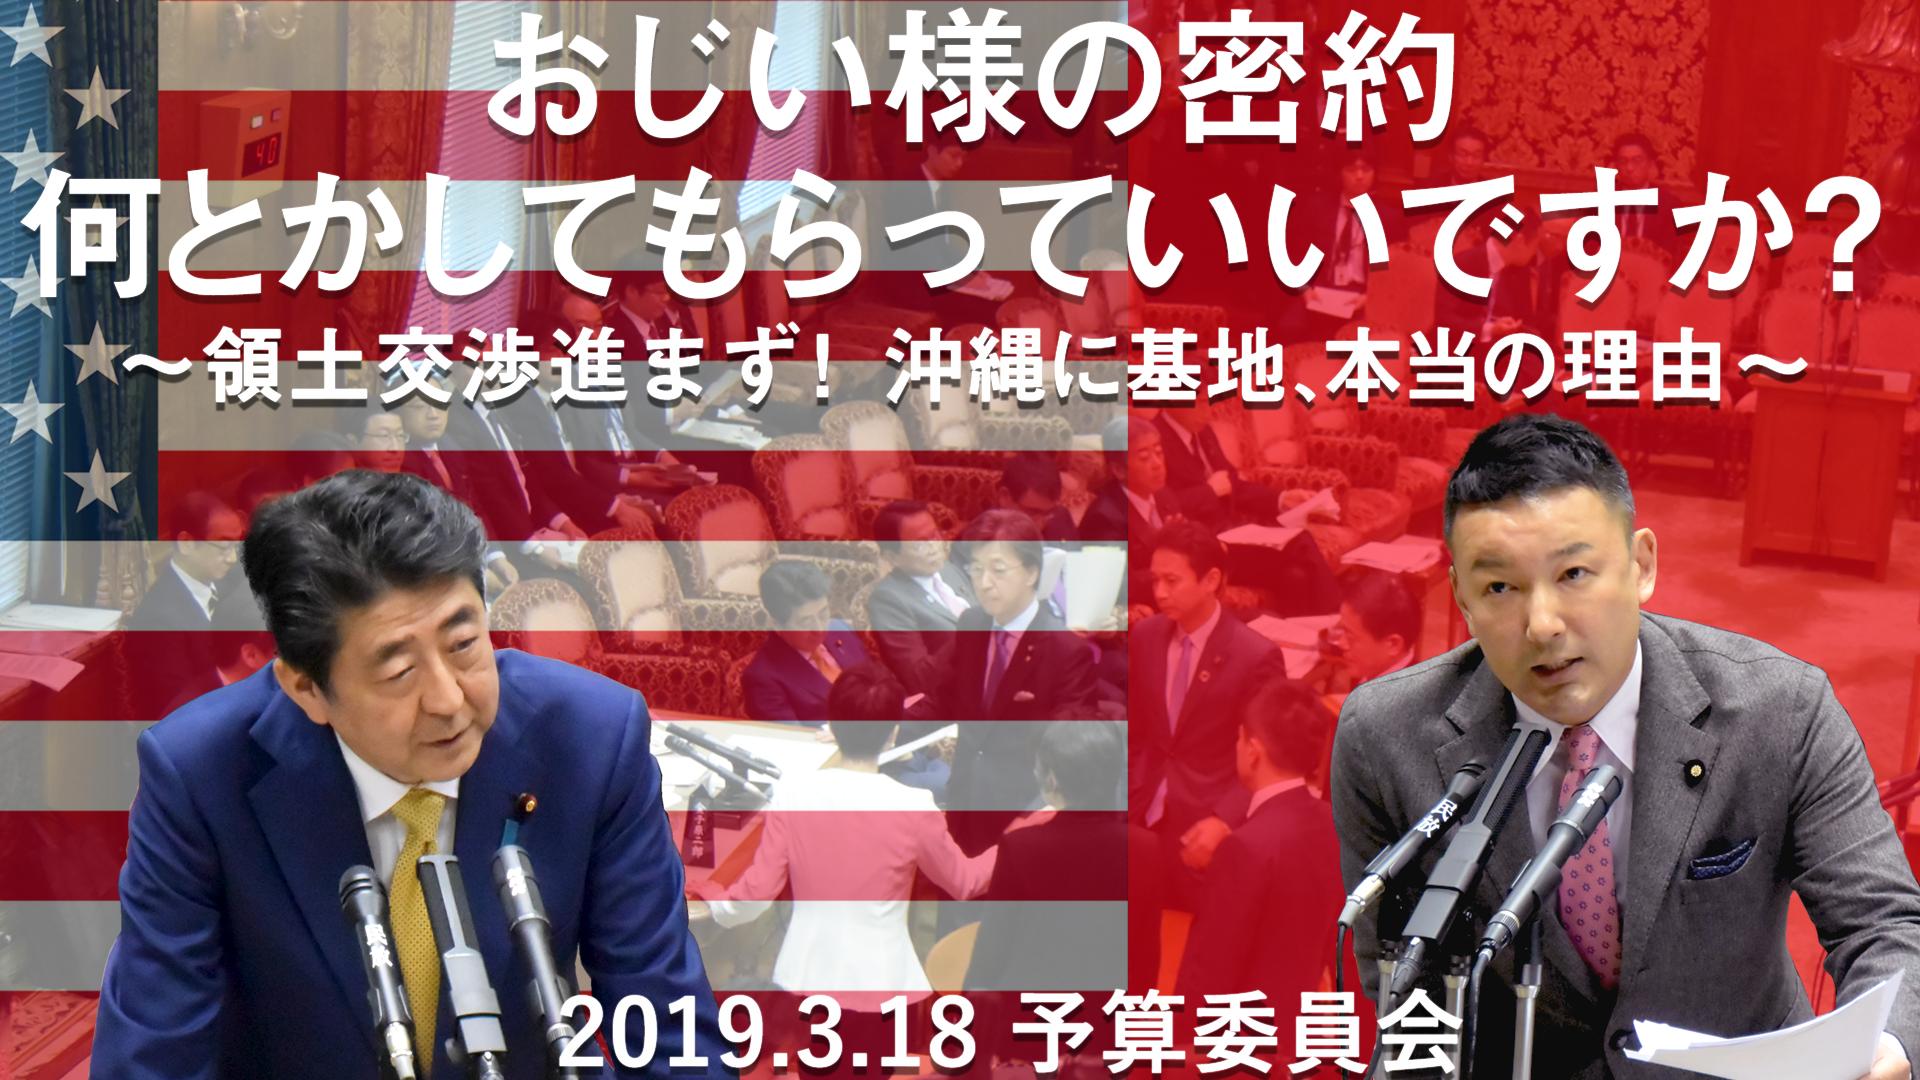 19.3.18 予算委員会